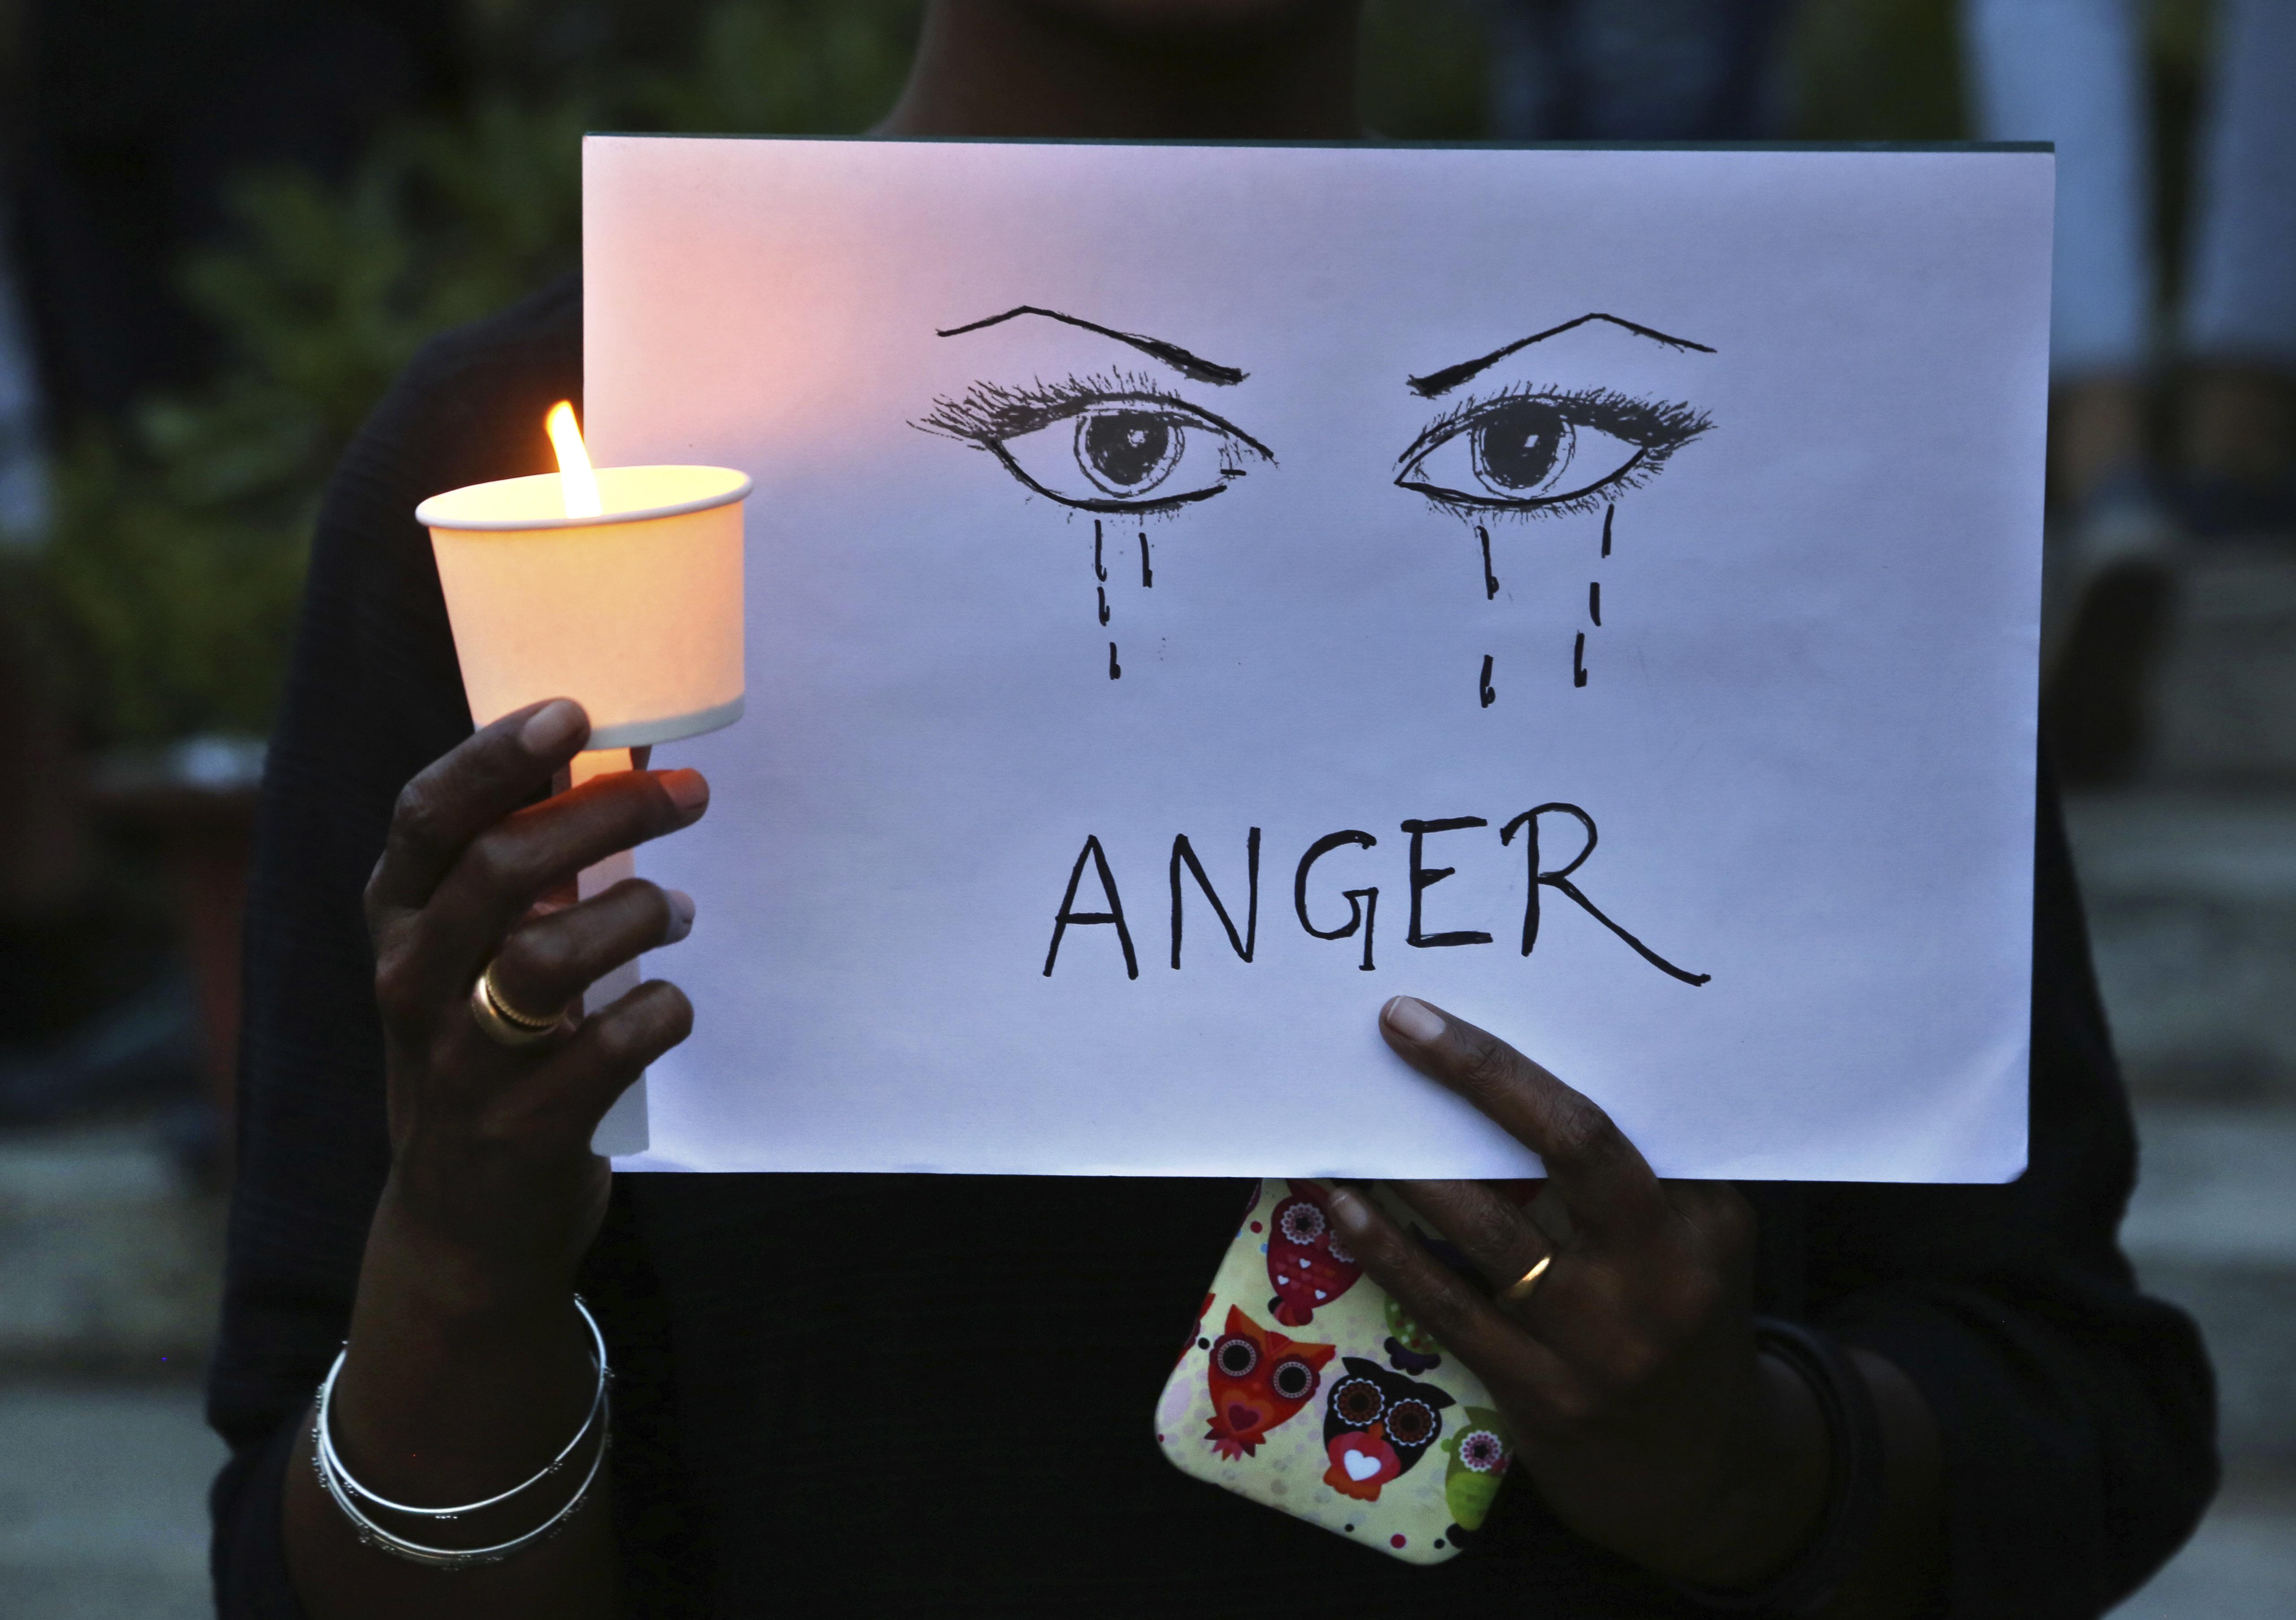 인도에서 3세 여아가 강간 당하는 사건이